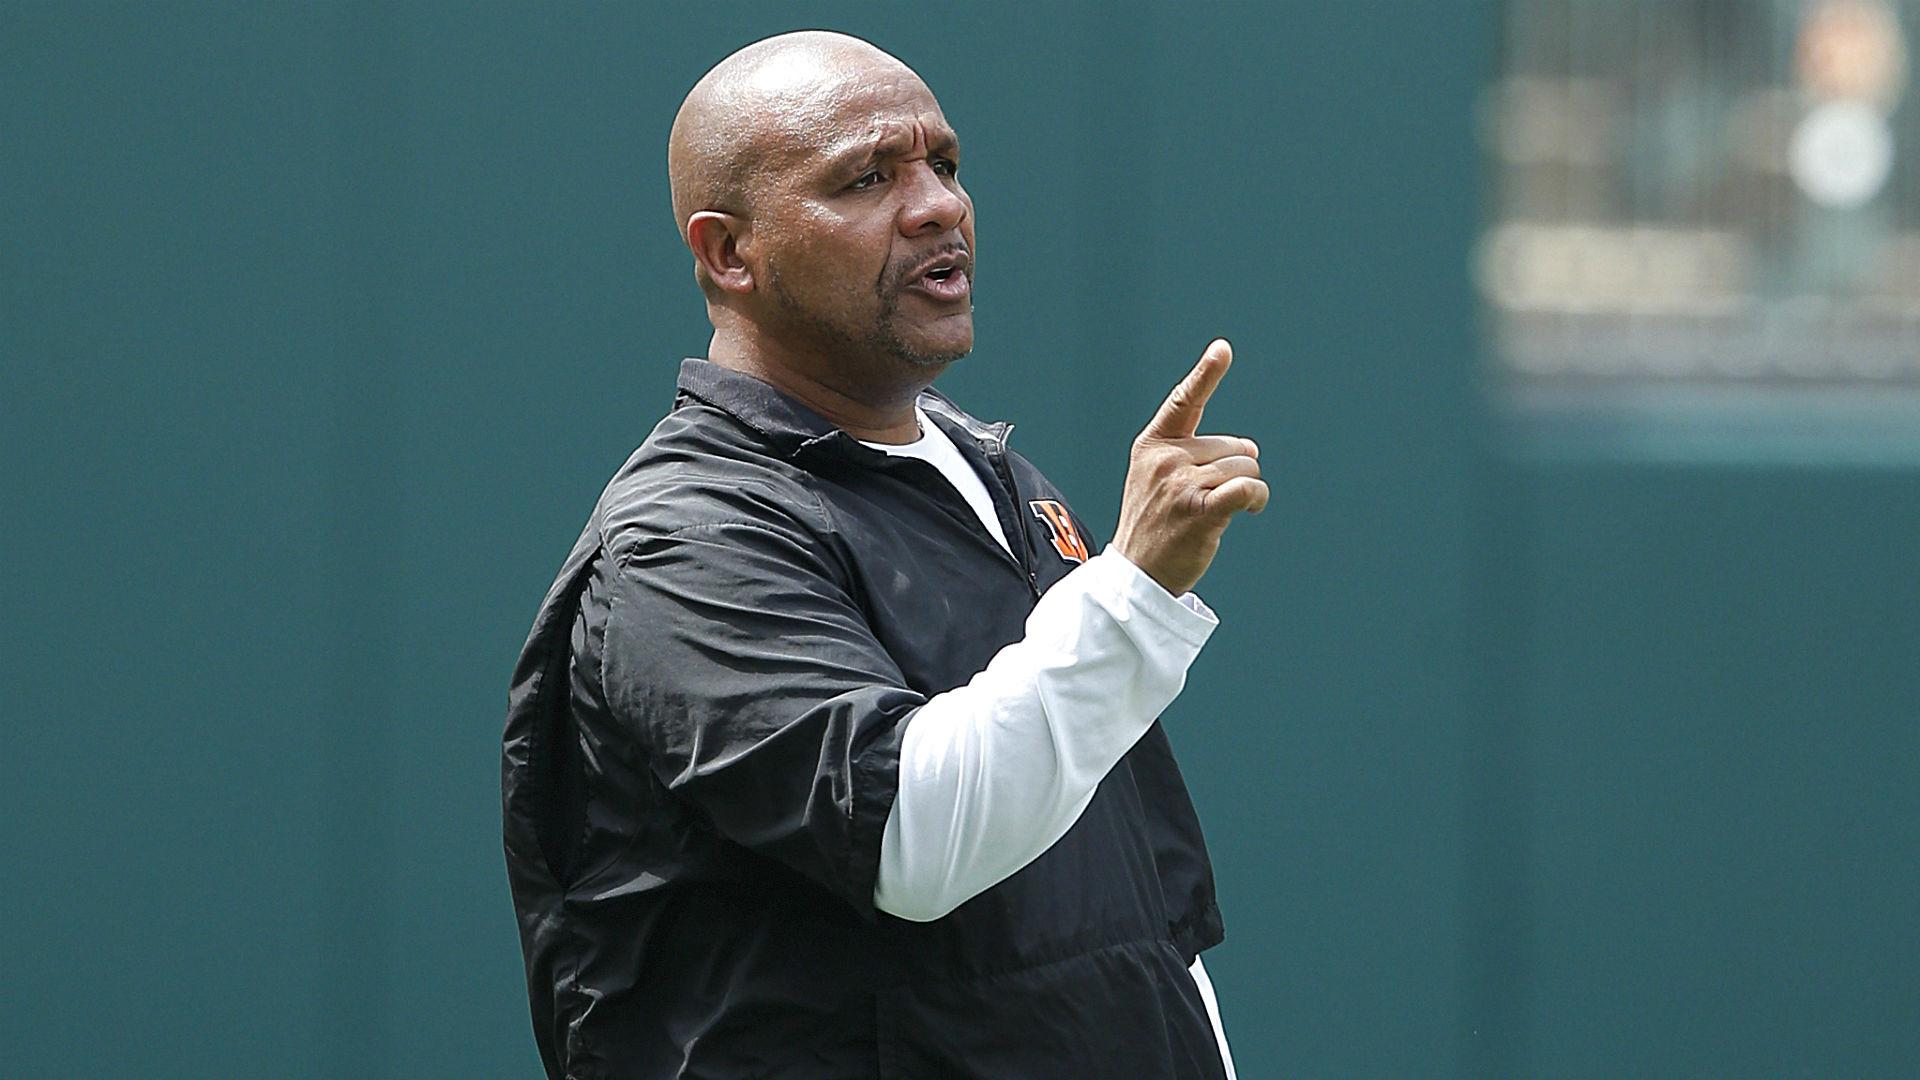 Browns owner Jimmy Haslam is not attending NFL owners meetings in